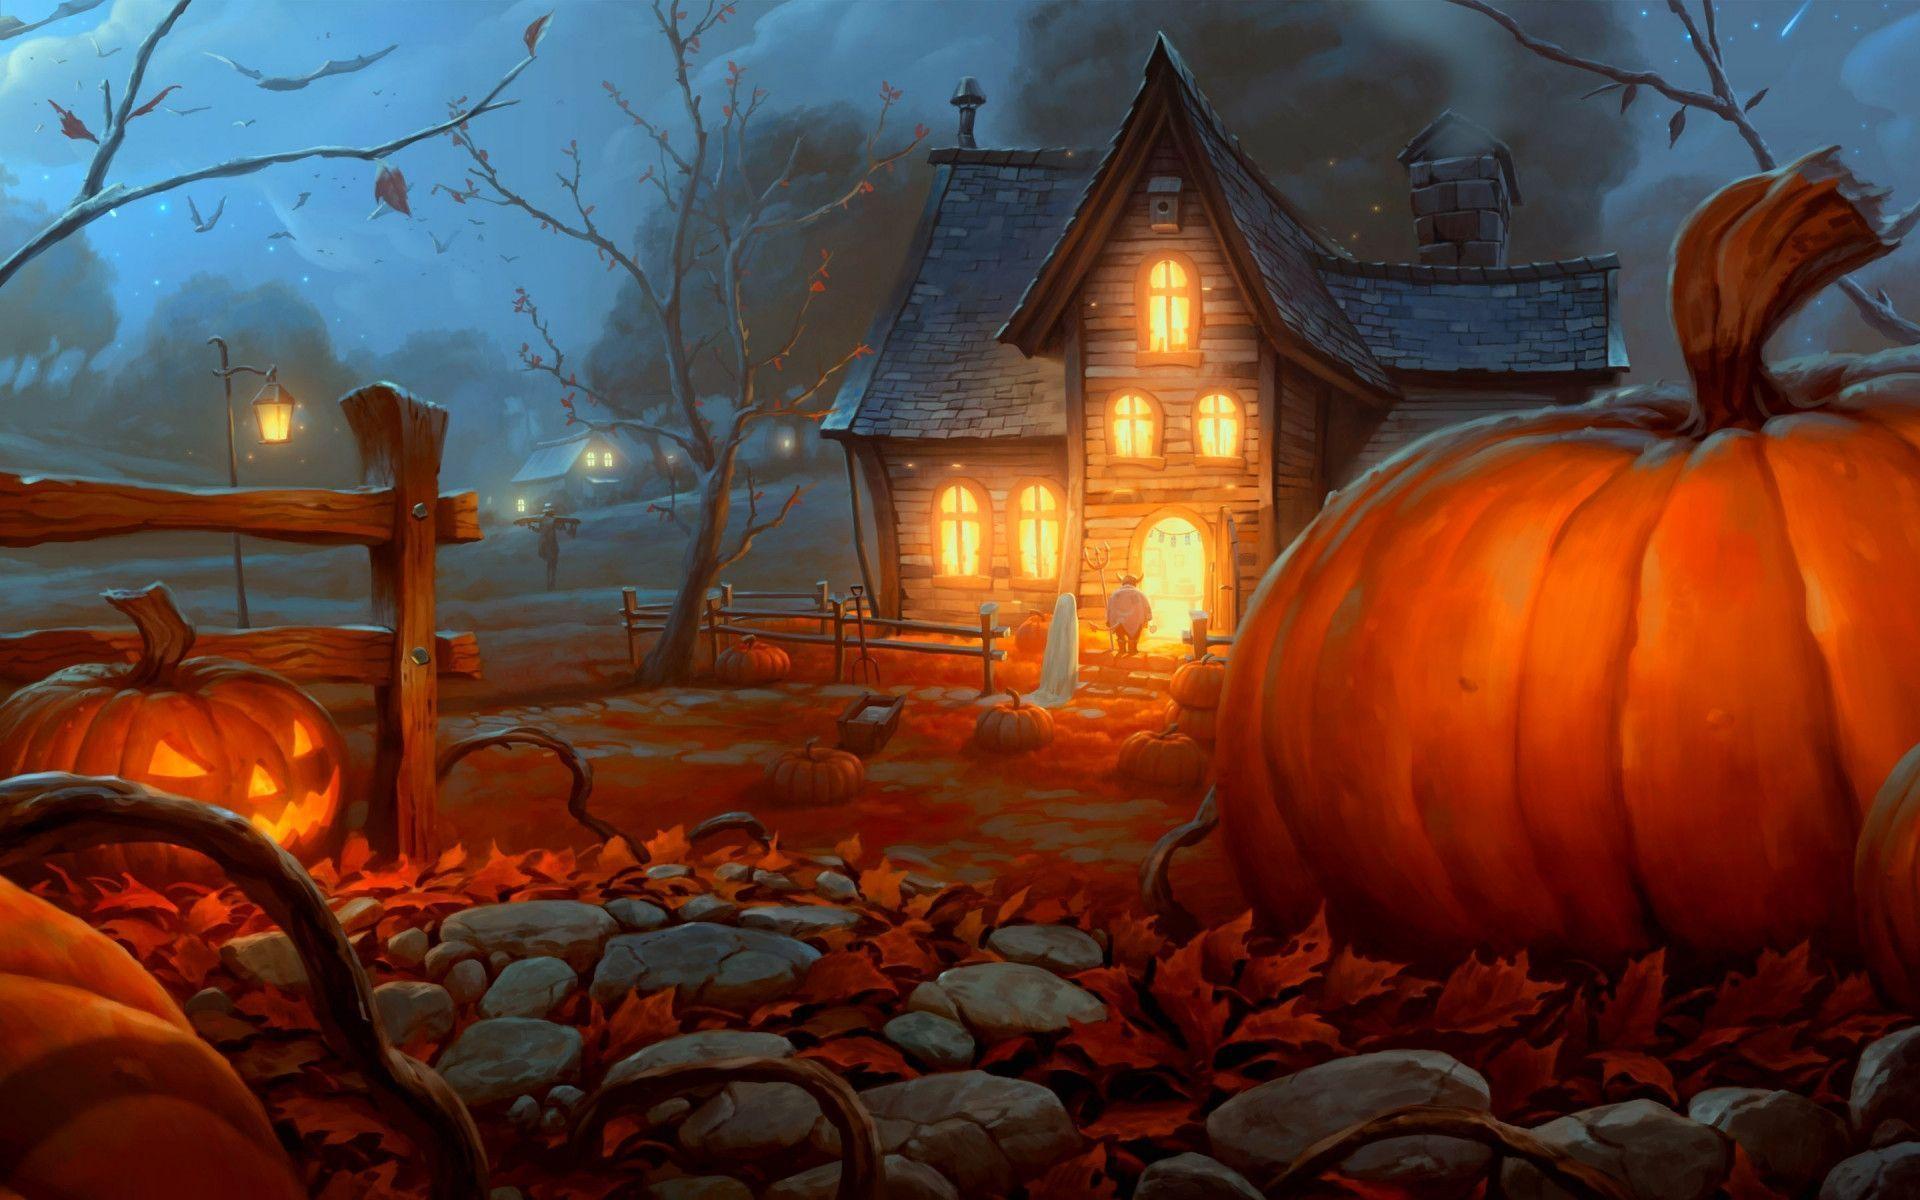 Halloween Wallpapers For Desktop - Wallpaper Cave